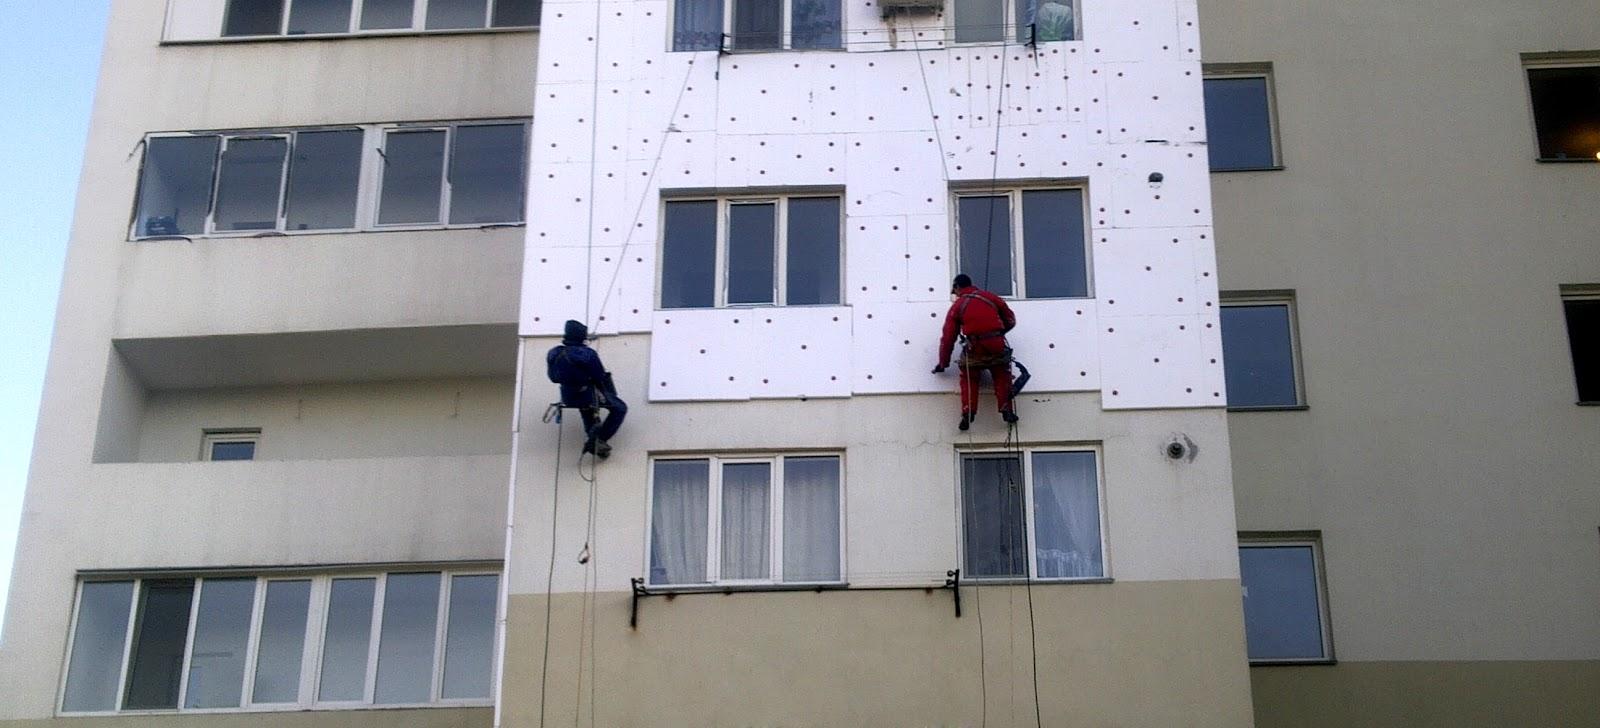 Утепление многоквартирного жилого дома  г.Саратов, ул. Шевырёвская, д.№2  Работы производили с помощью фасадного подъёмника ZLP-630  500м2. Стоимость работ: 700000т.р